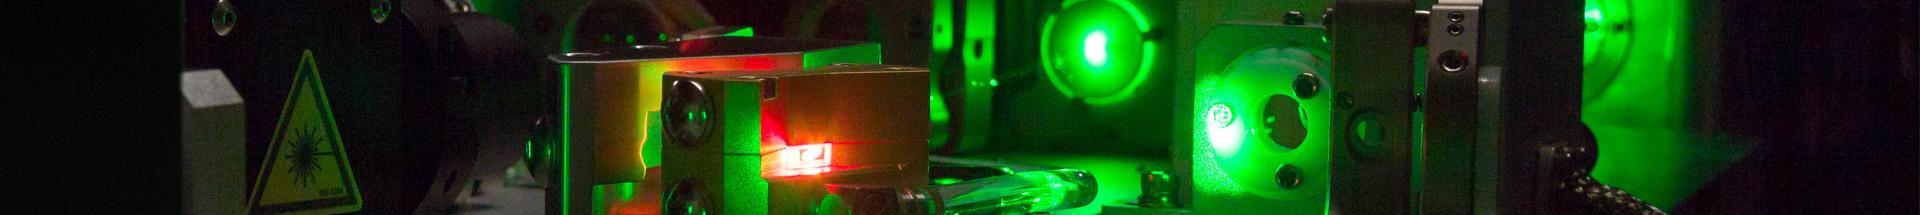 Laser Categories